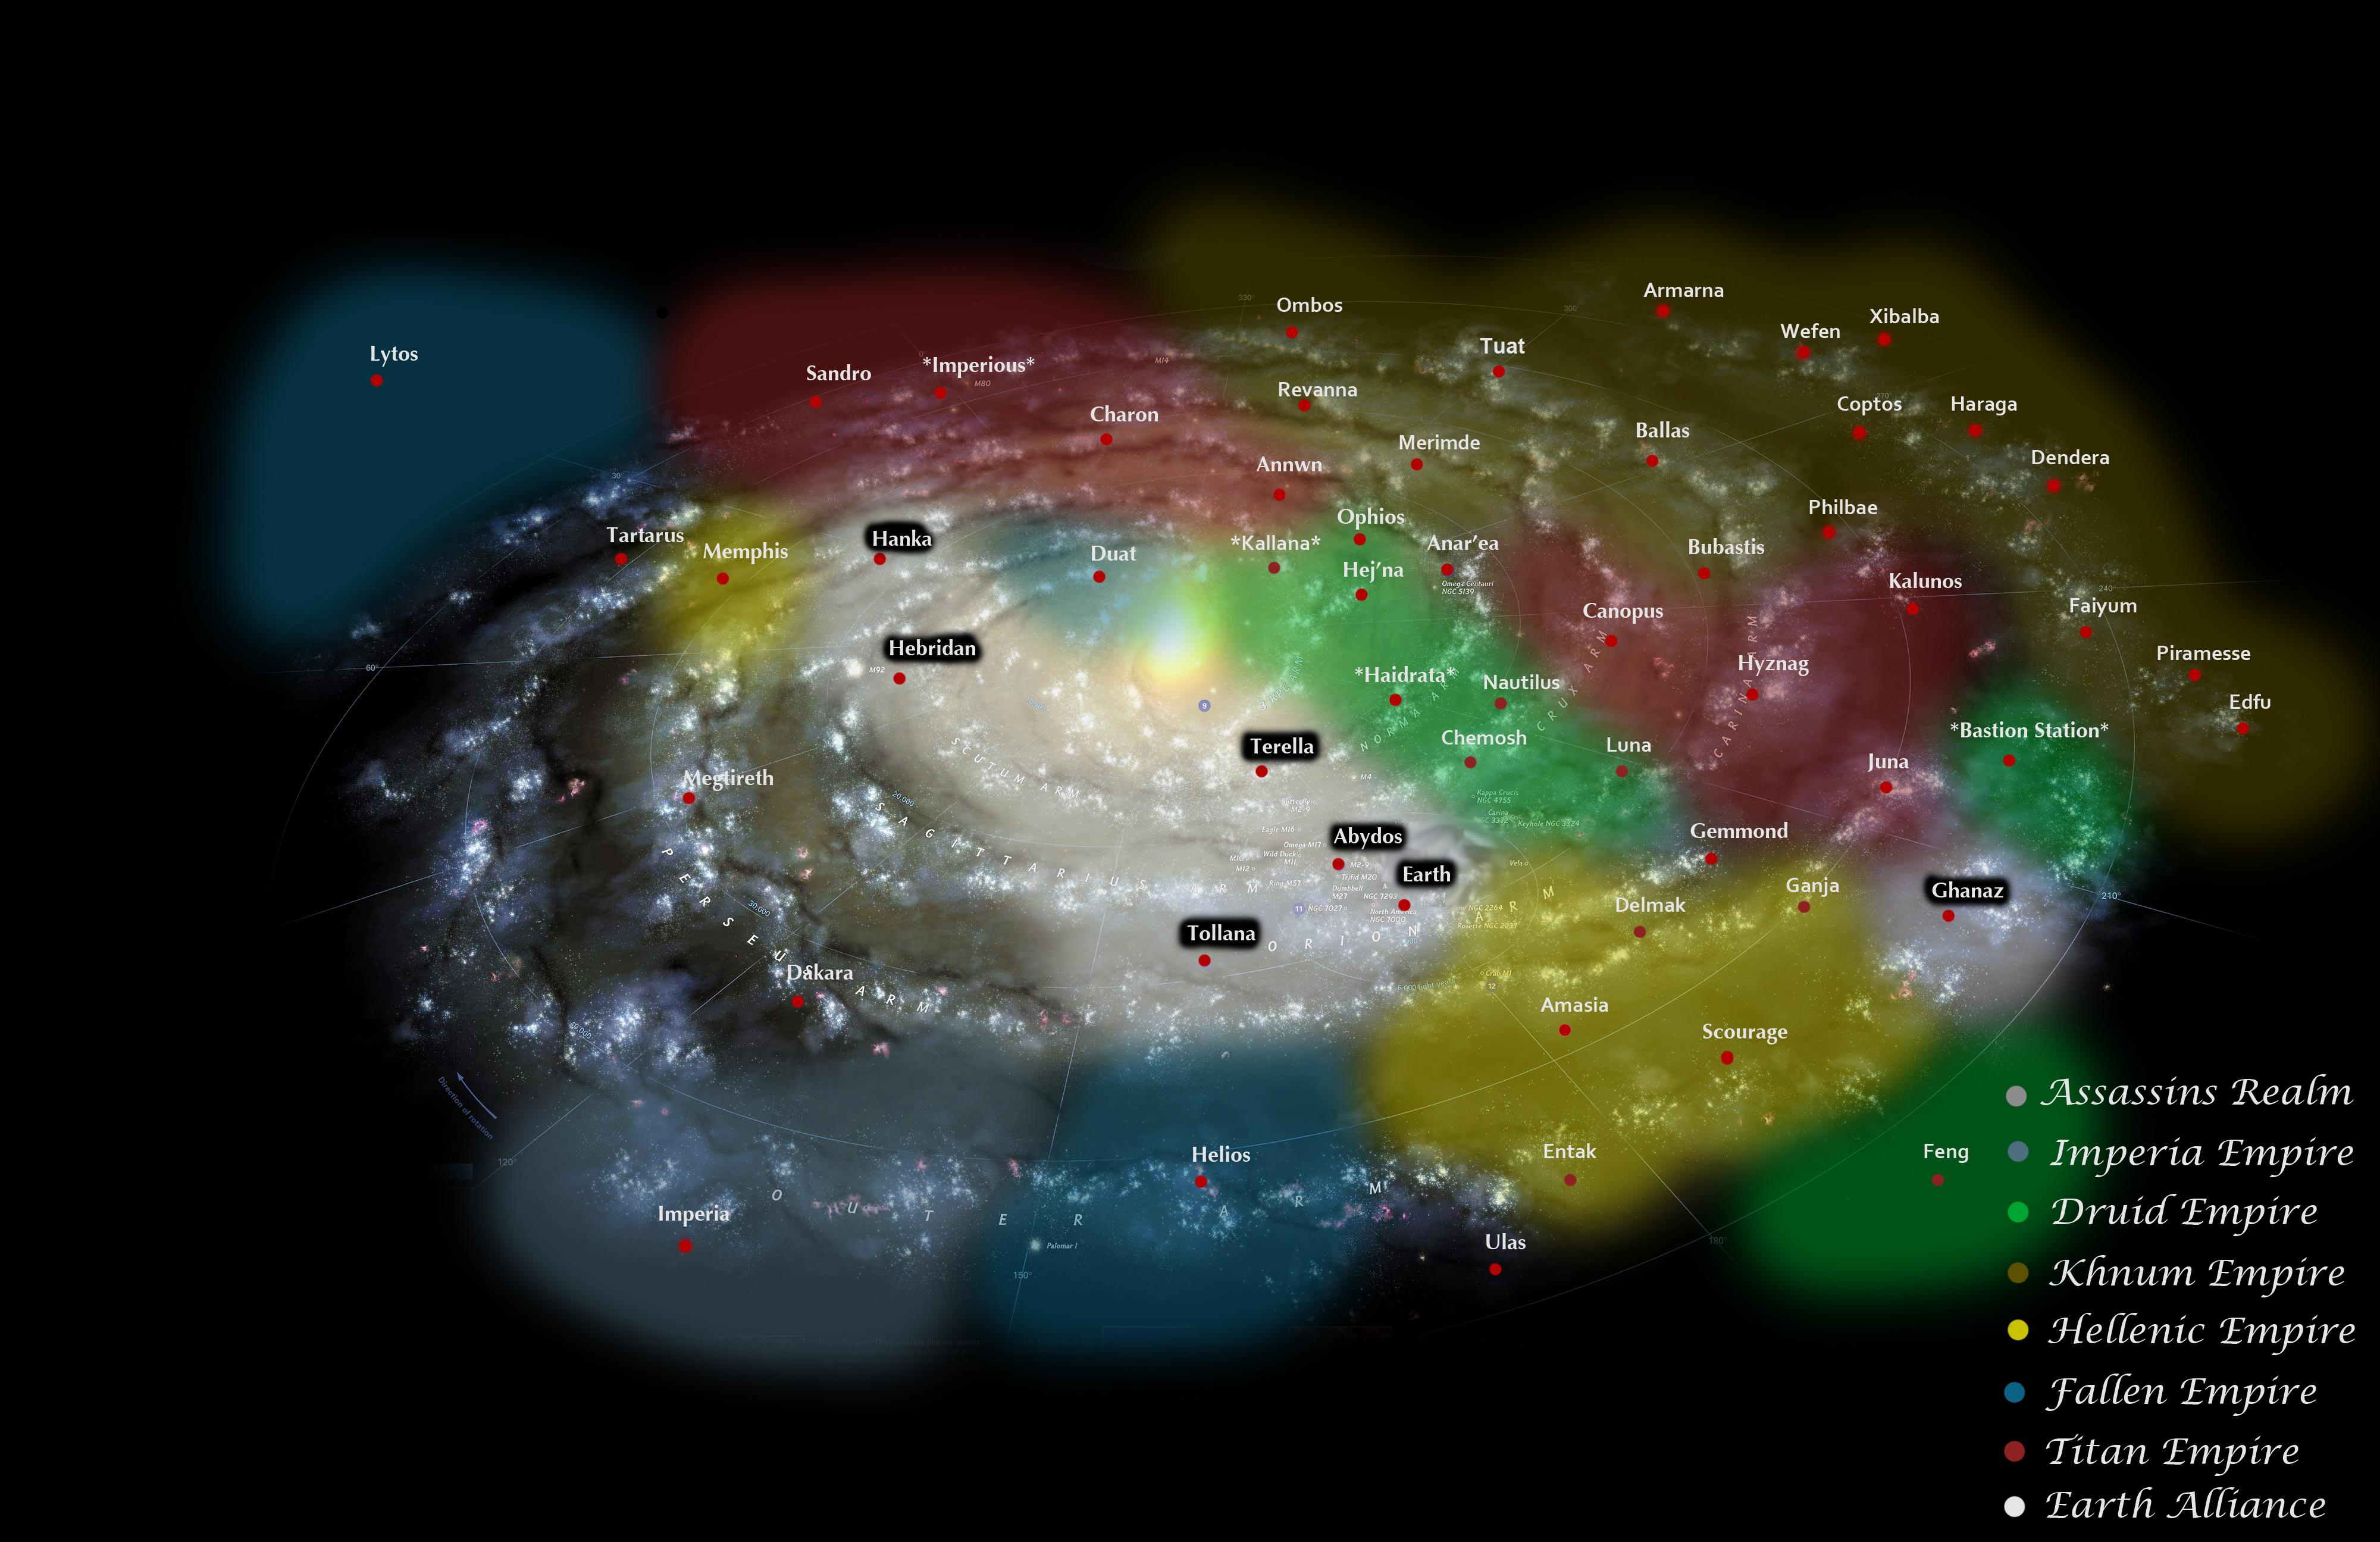 Stargate Universe Map by NaySmithe on DeviantArt